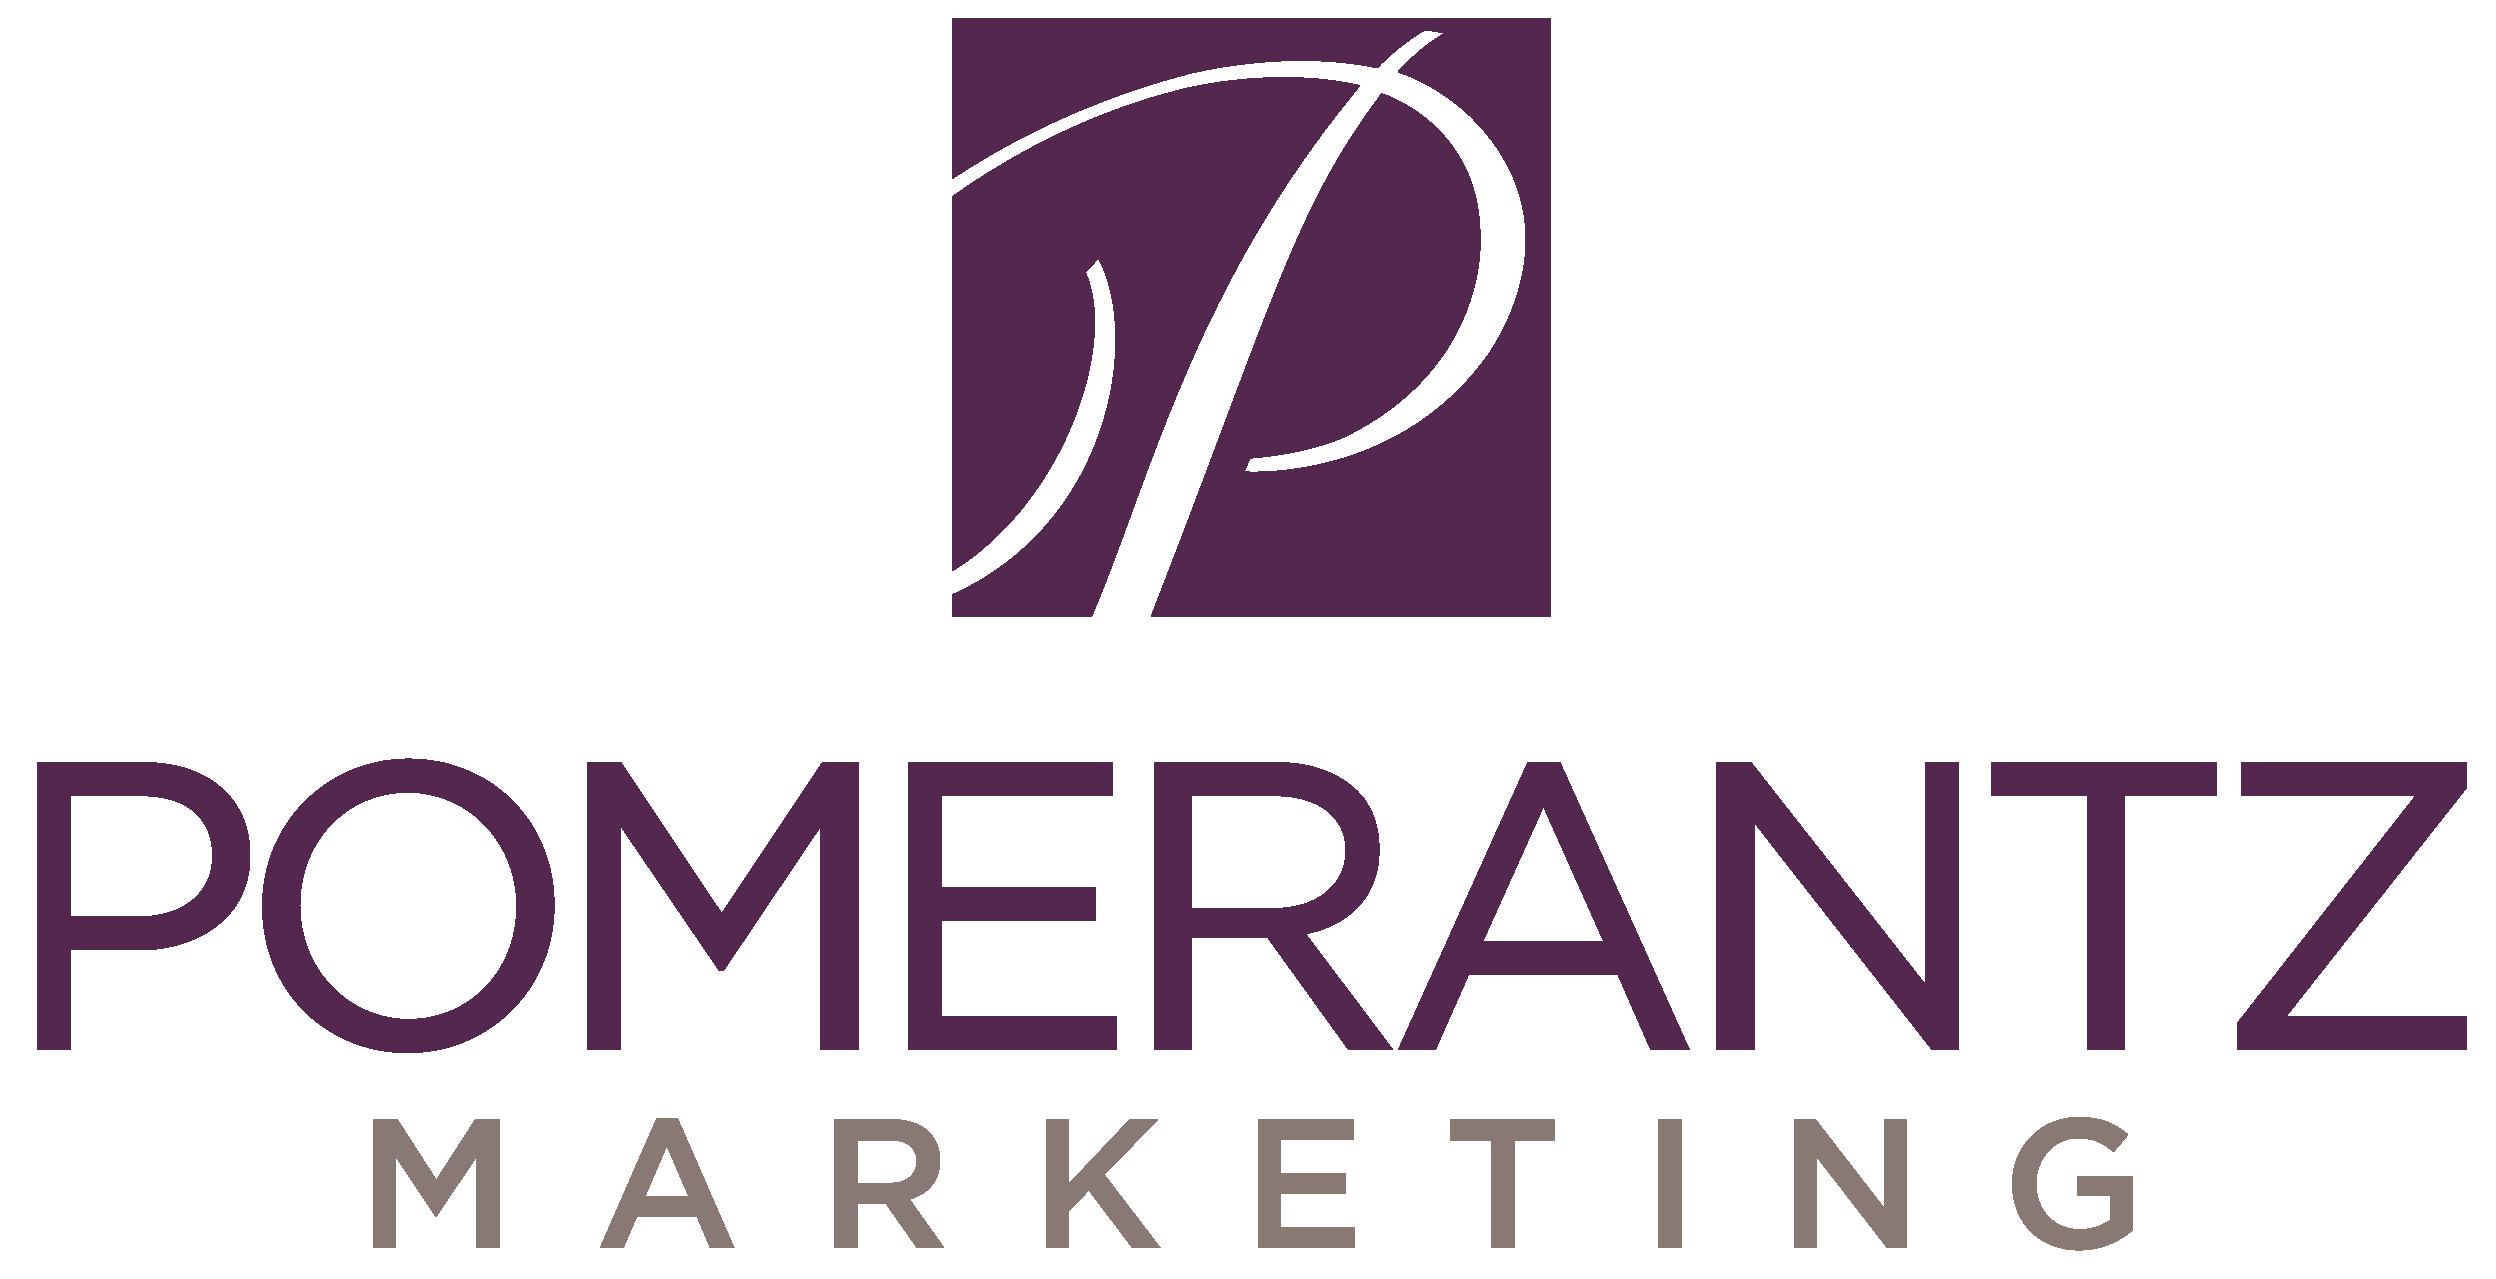 Pomerantz Marketing Logo